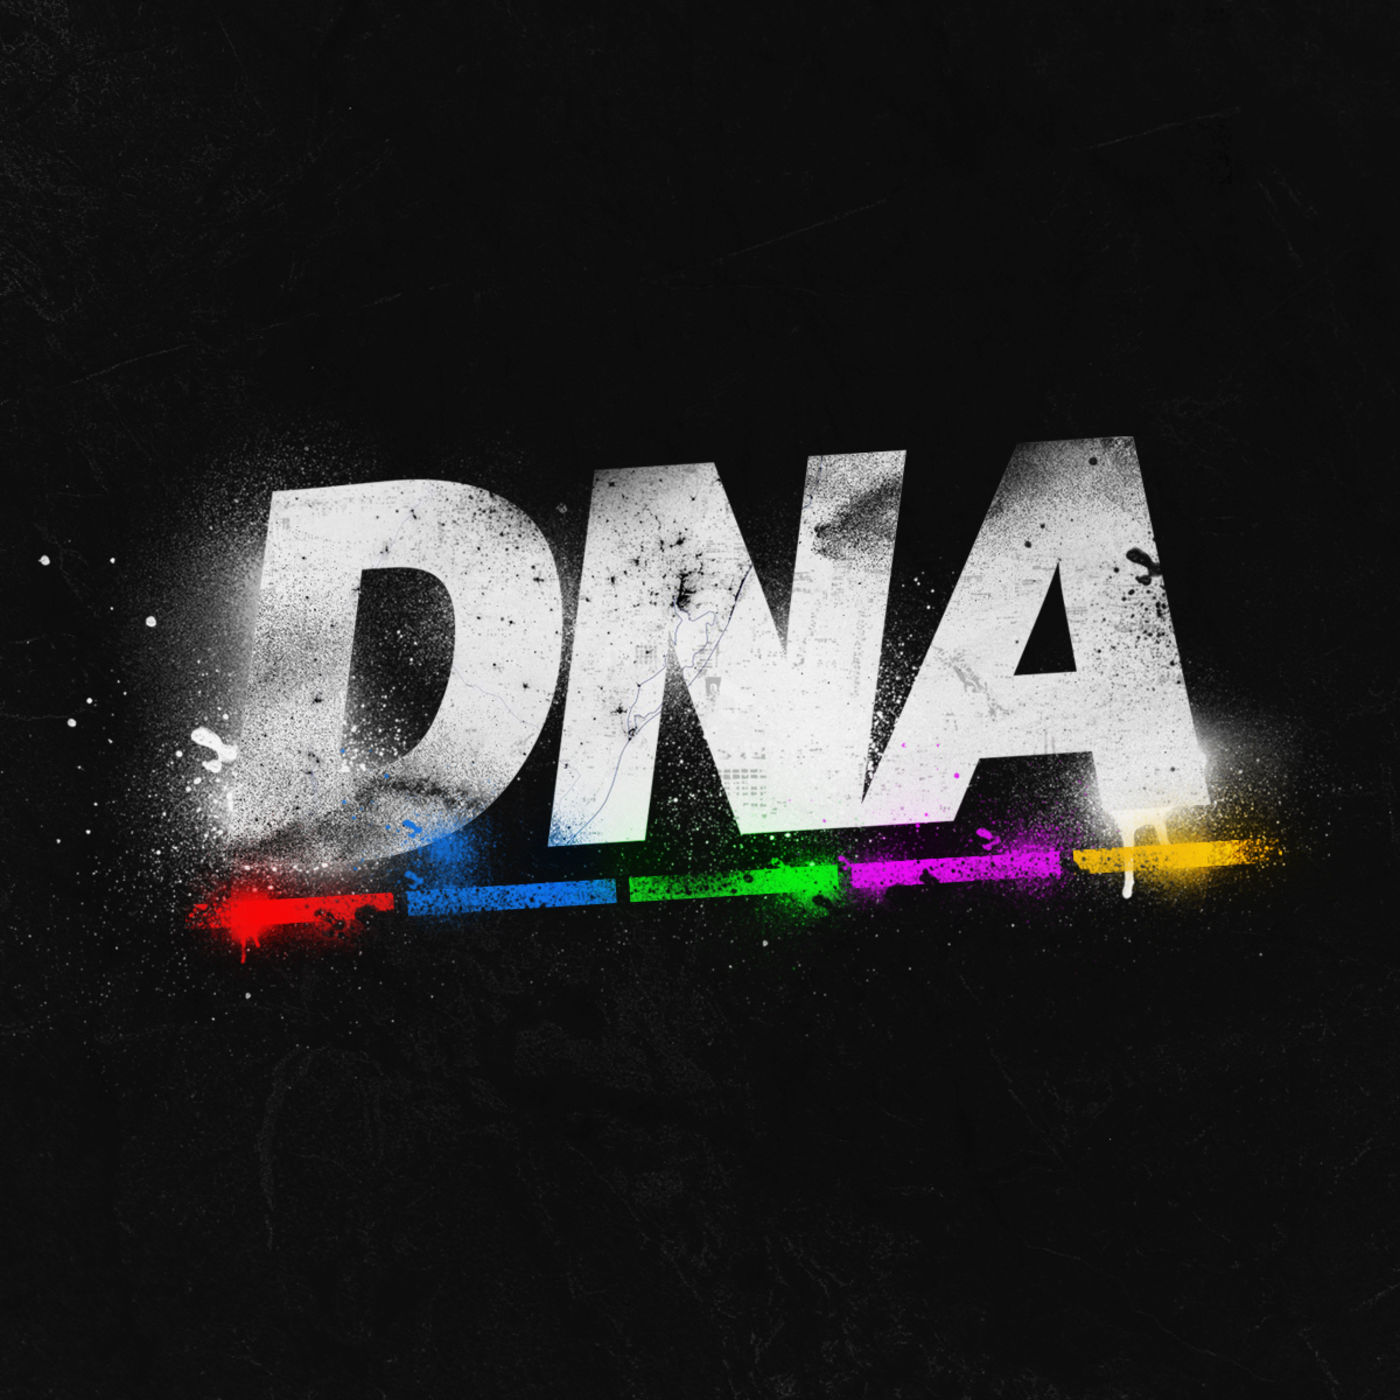 DNA #2 - Loving The Family